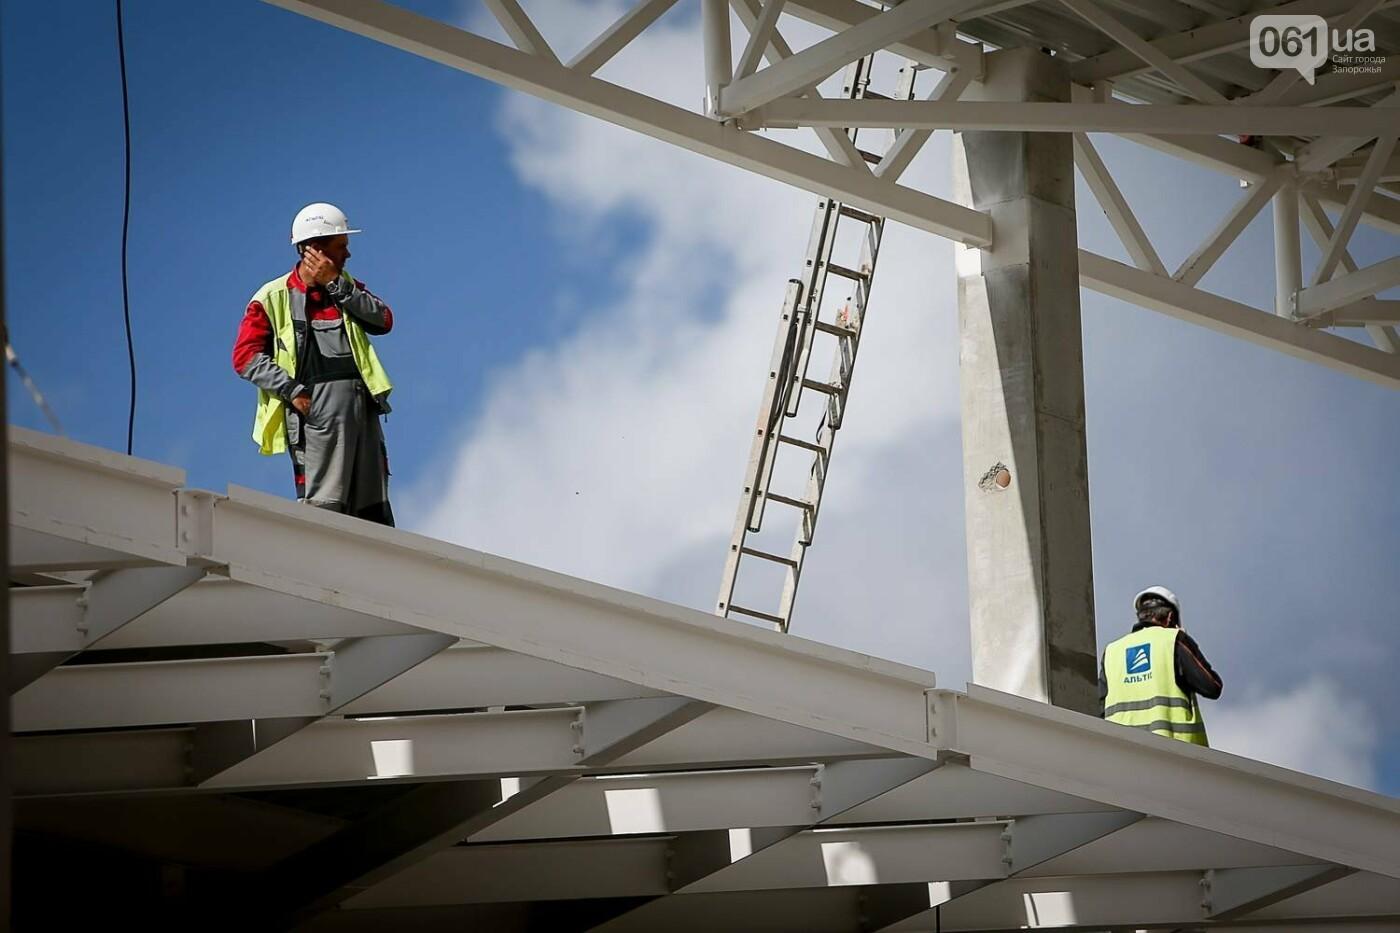 Как идет строительство нового терминала аэропорта Запорожья 27